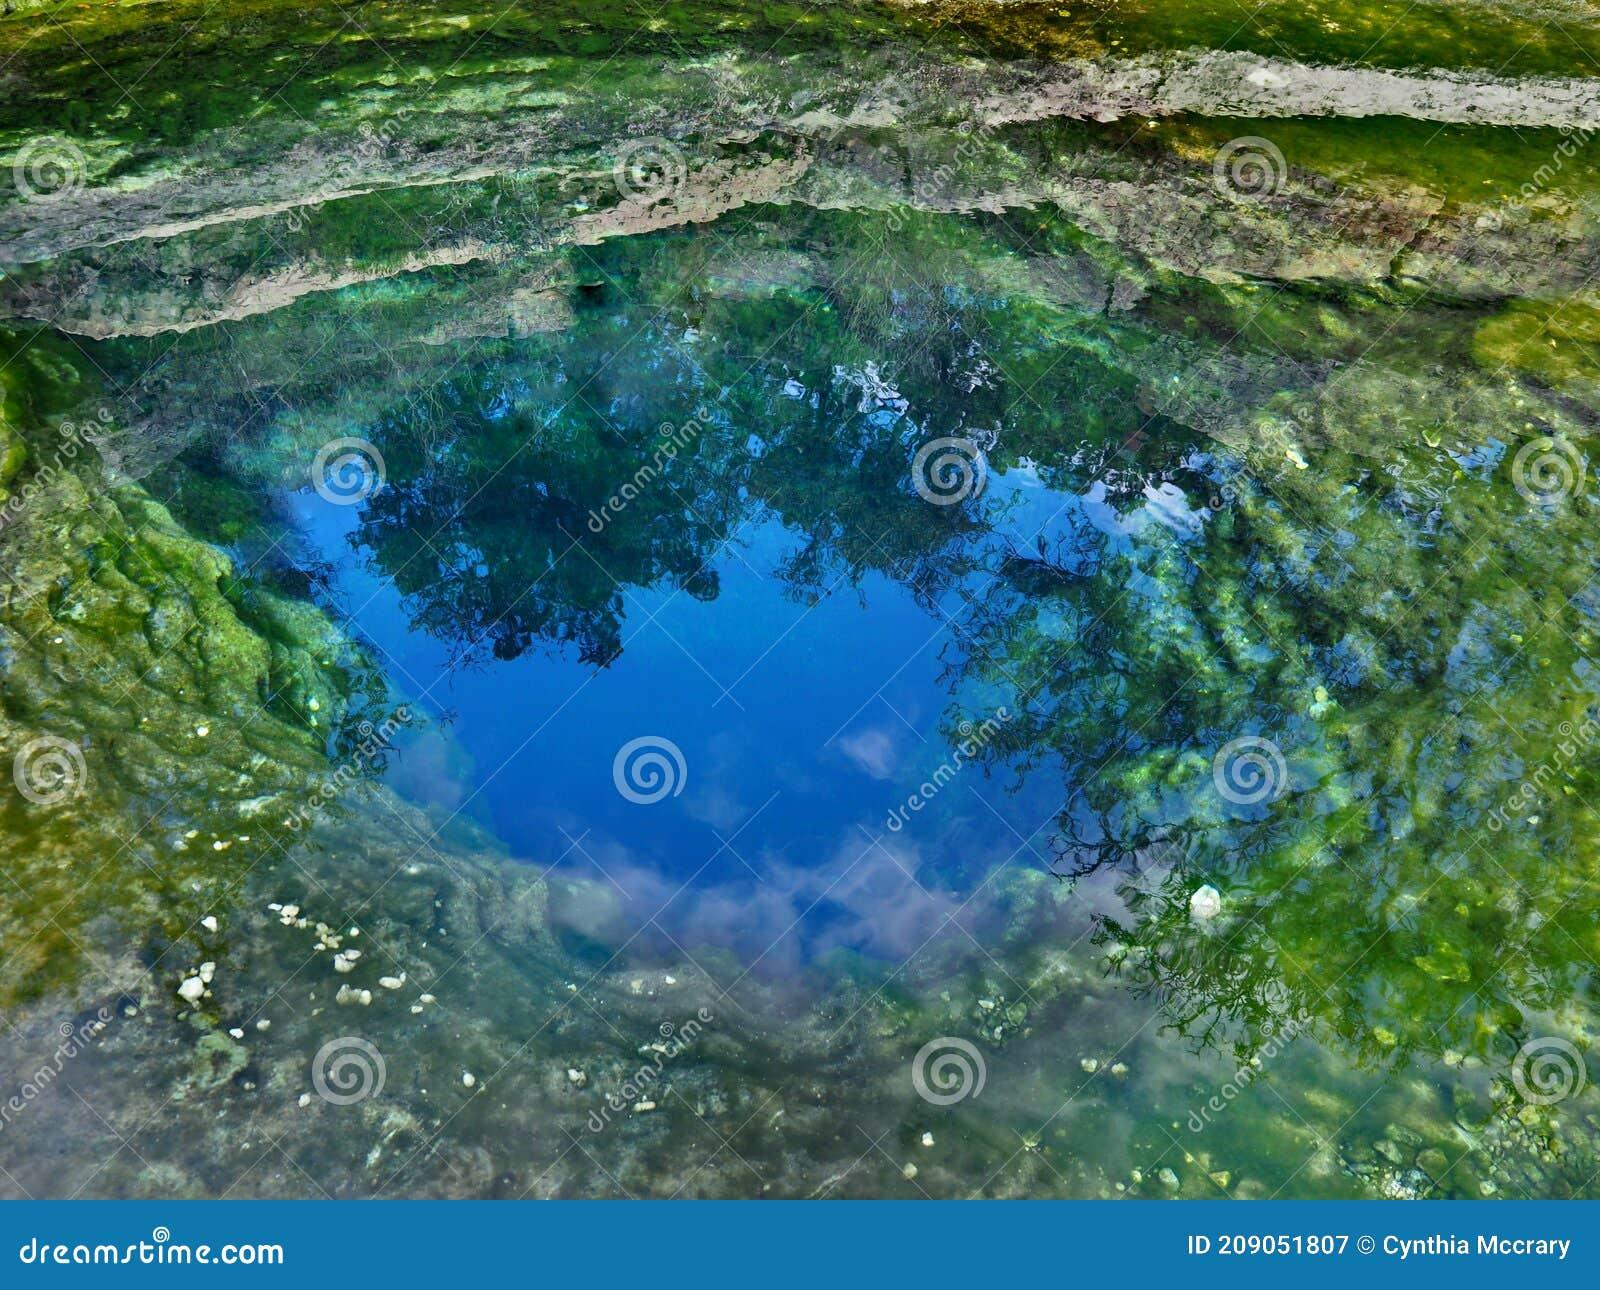 Near Wimberley, Texas, the Hamilton Pool is a popular